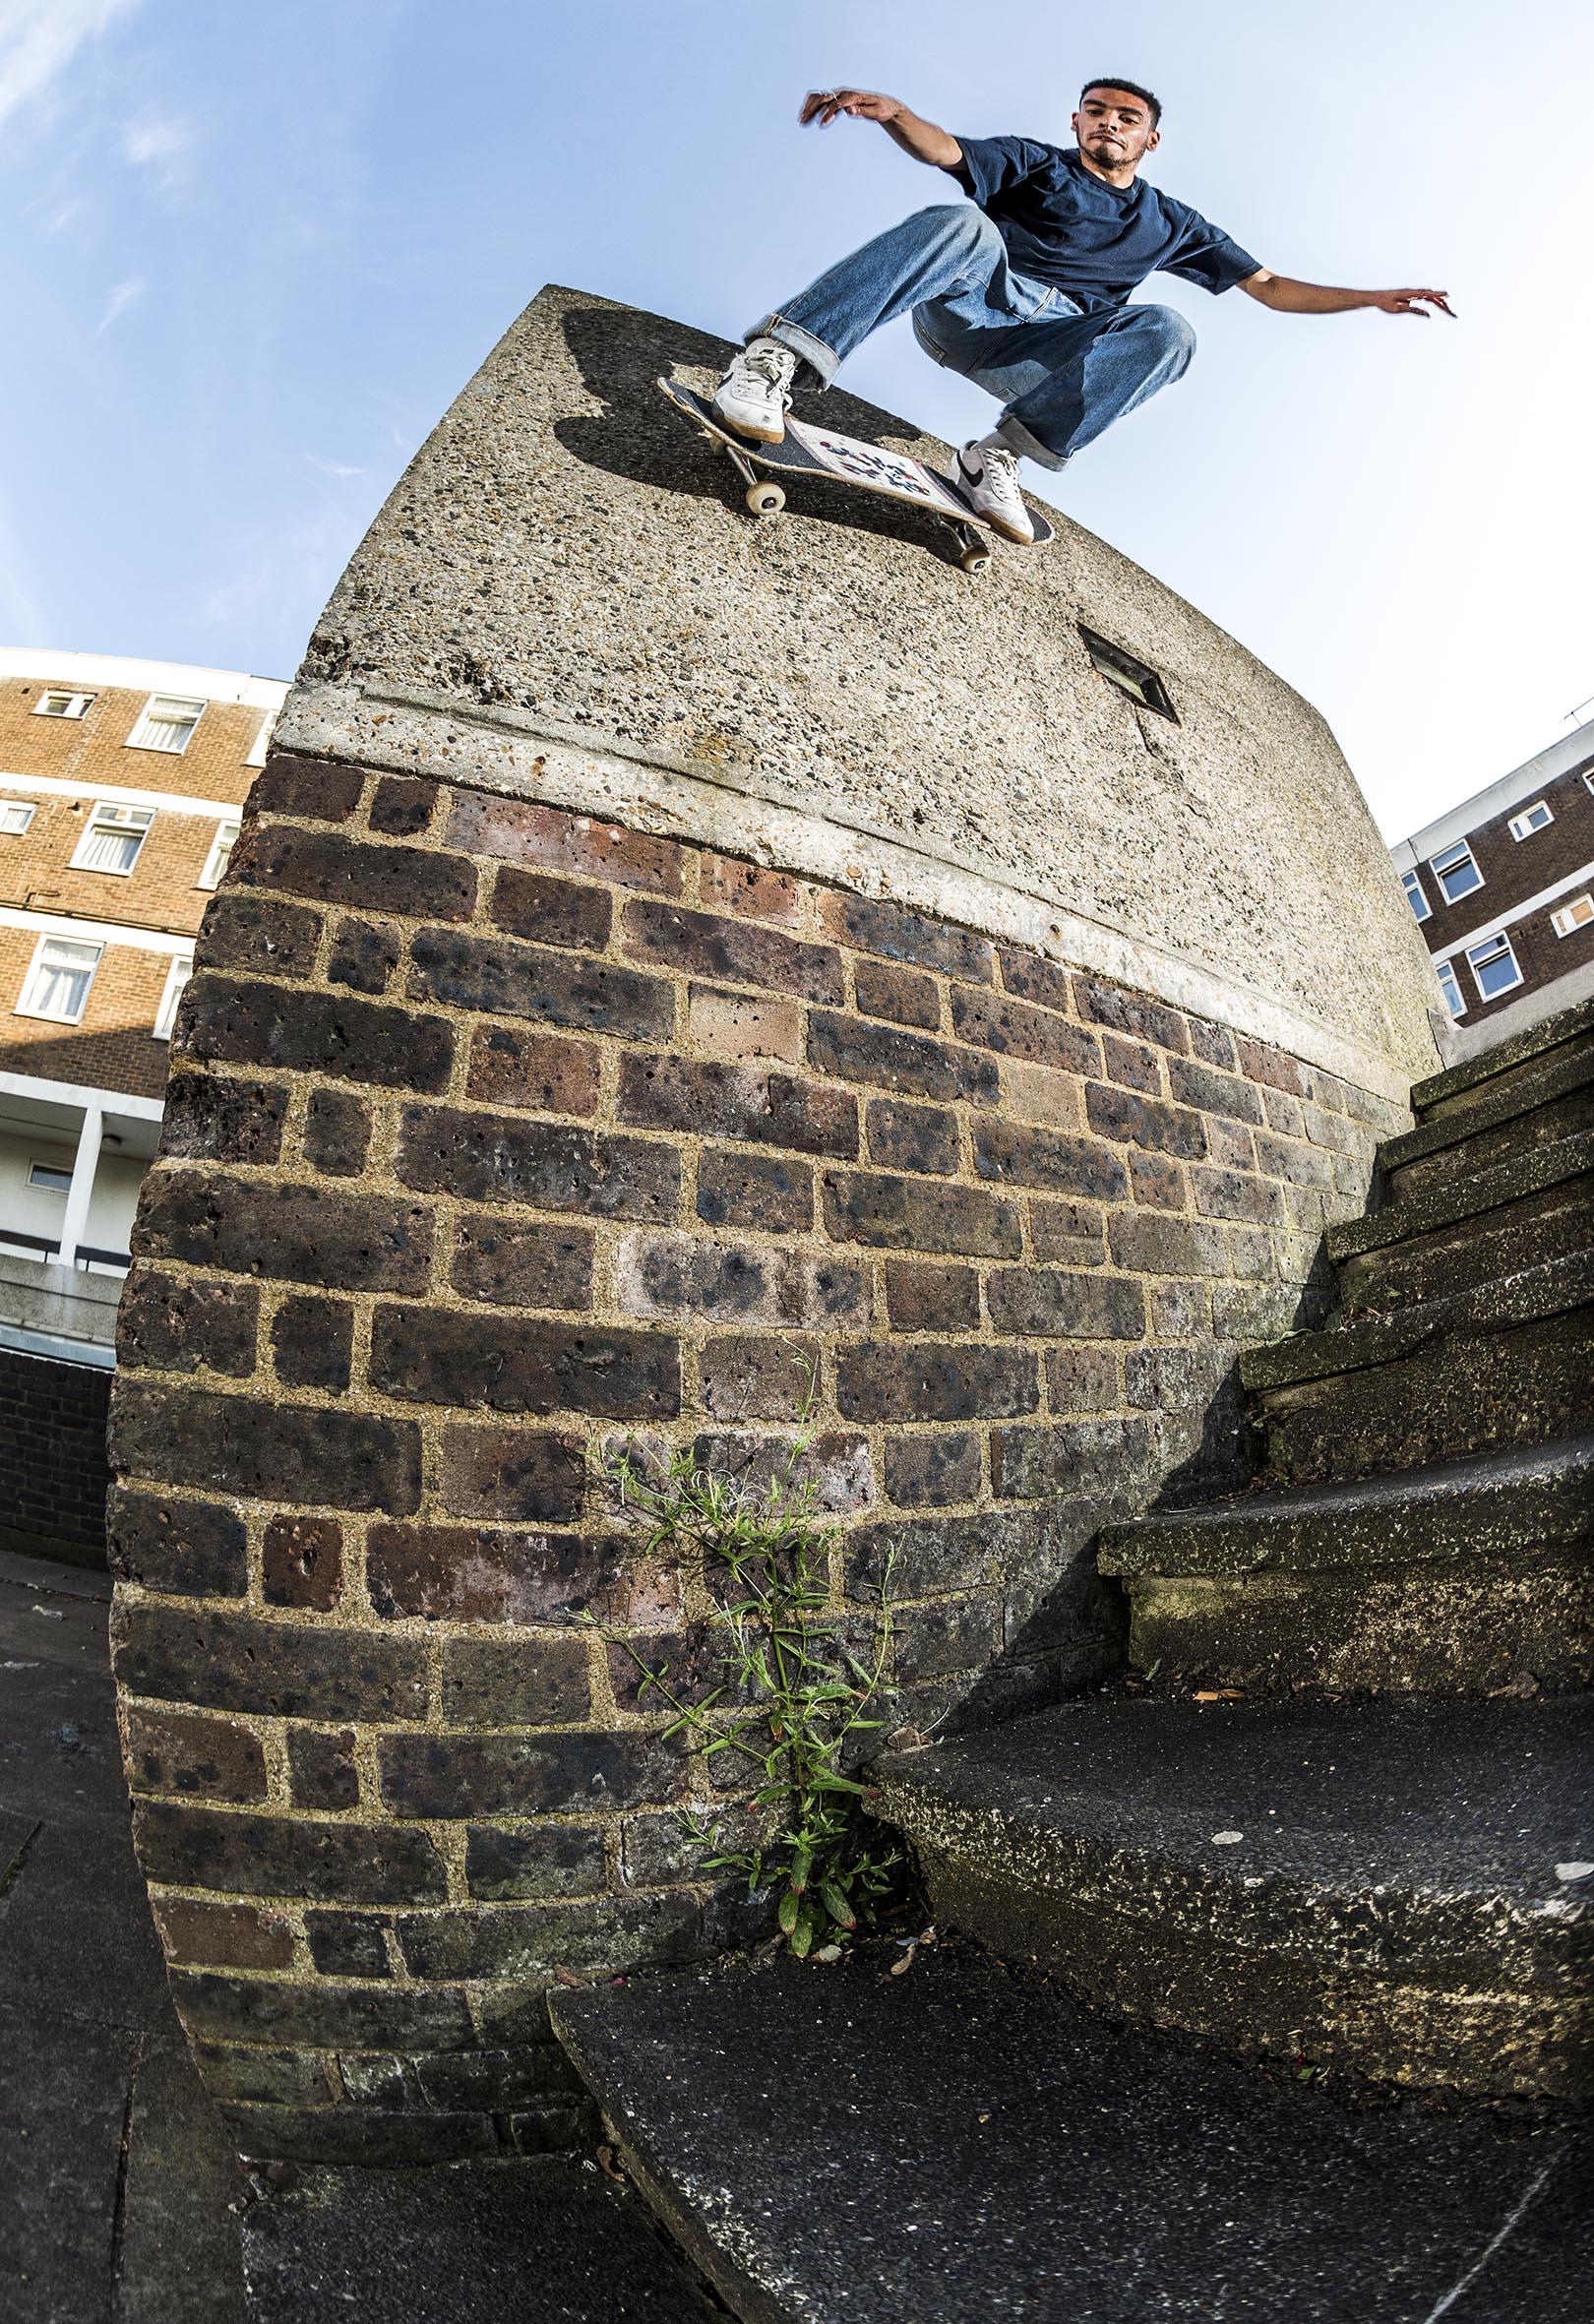 Kyron Davis - ollie over the gap to wallride